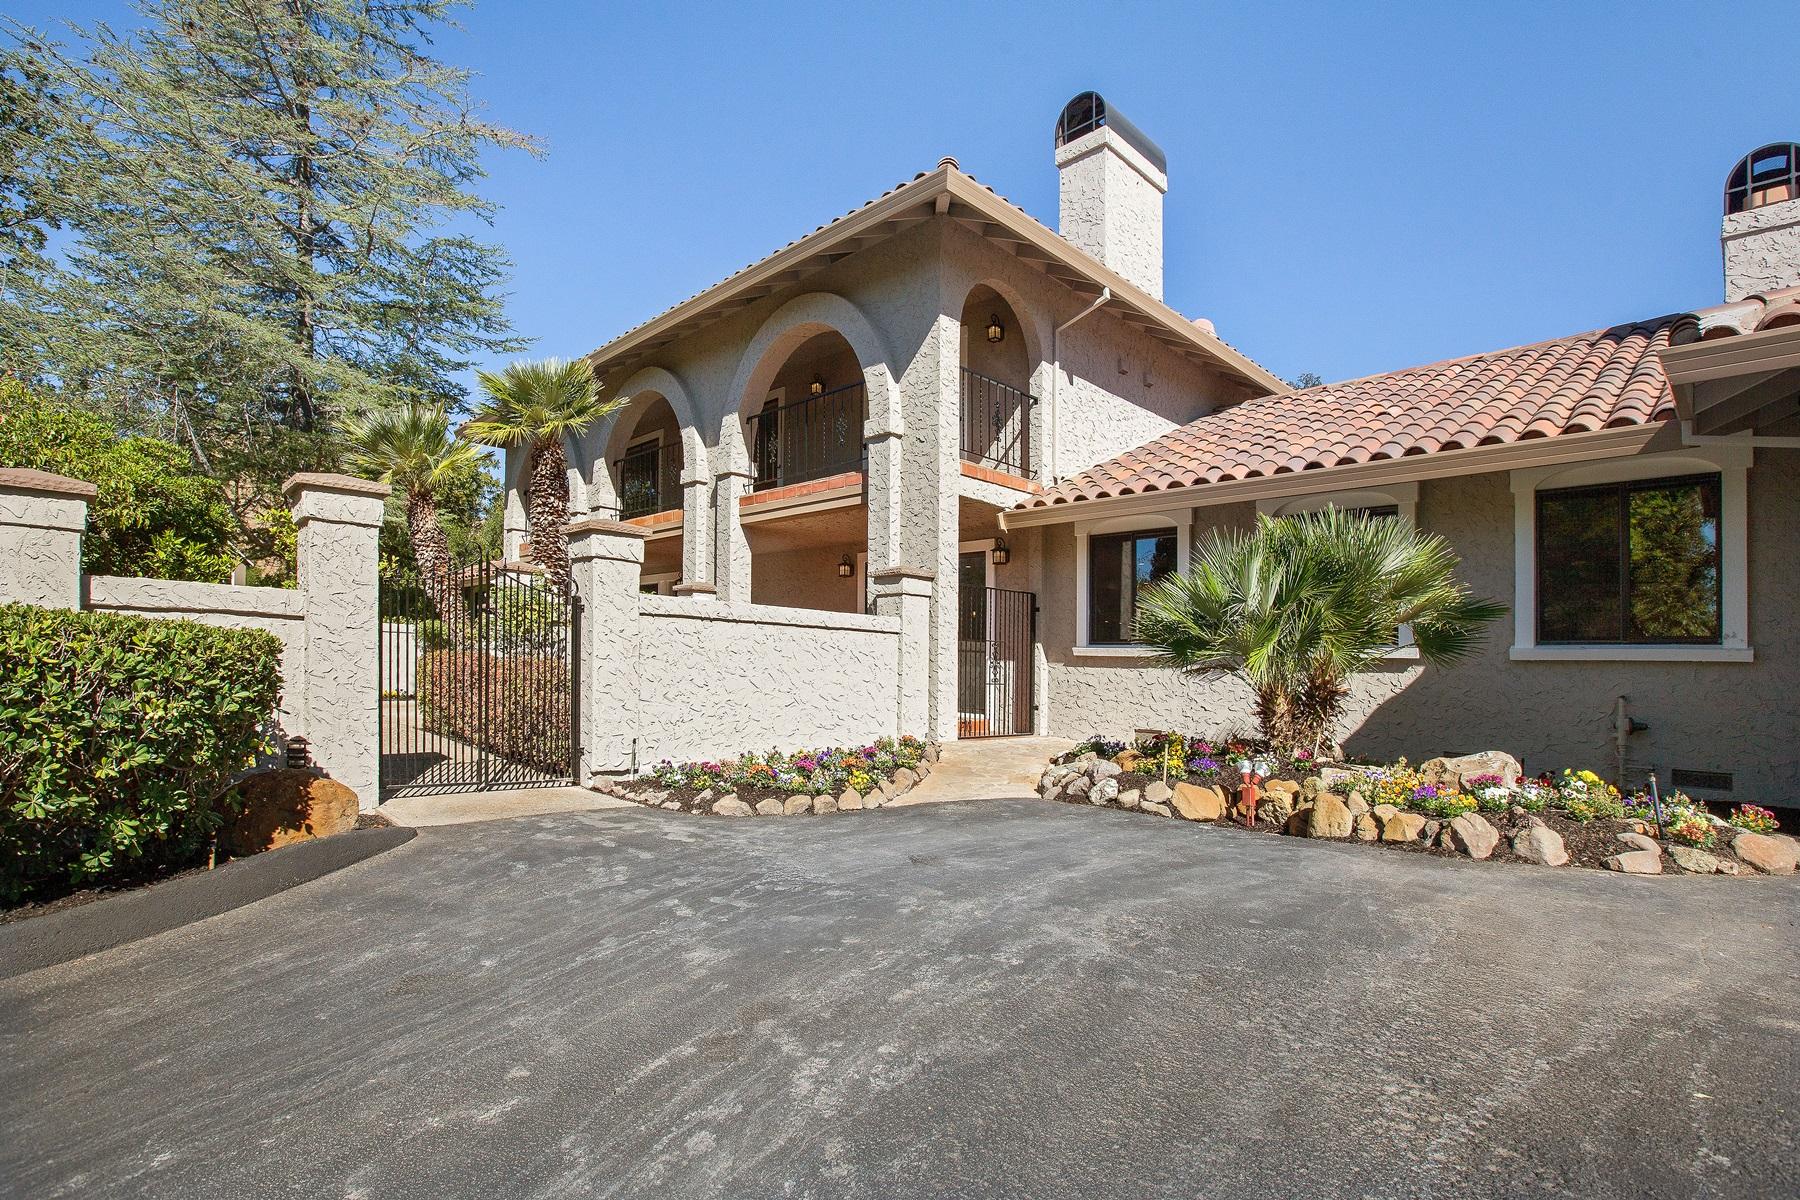 Property For Sale at Prestigious Mediterranean Villa